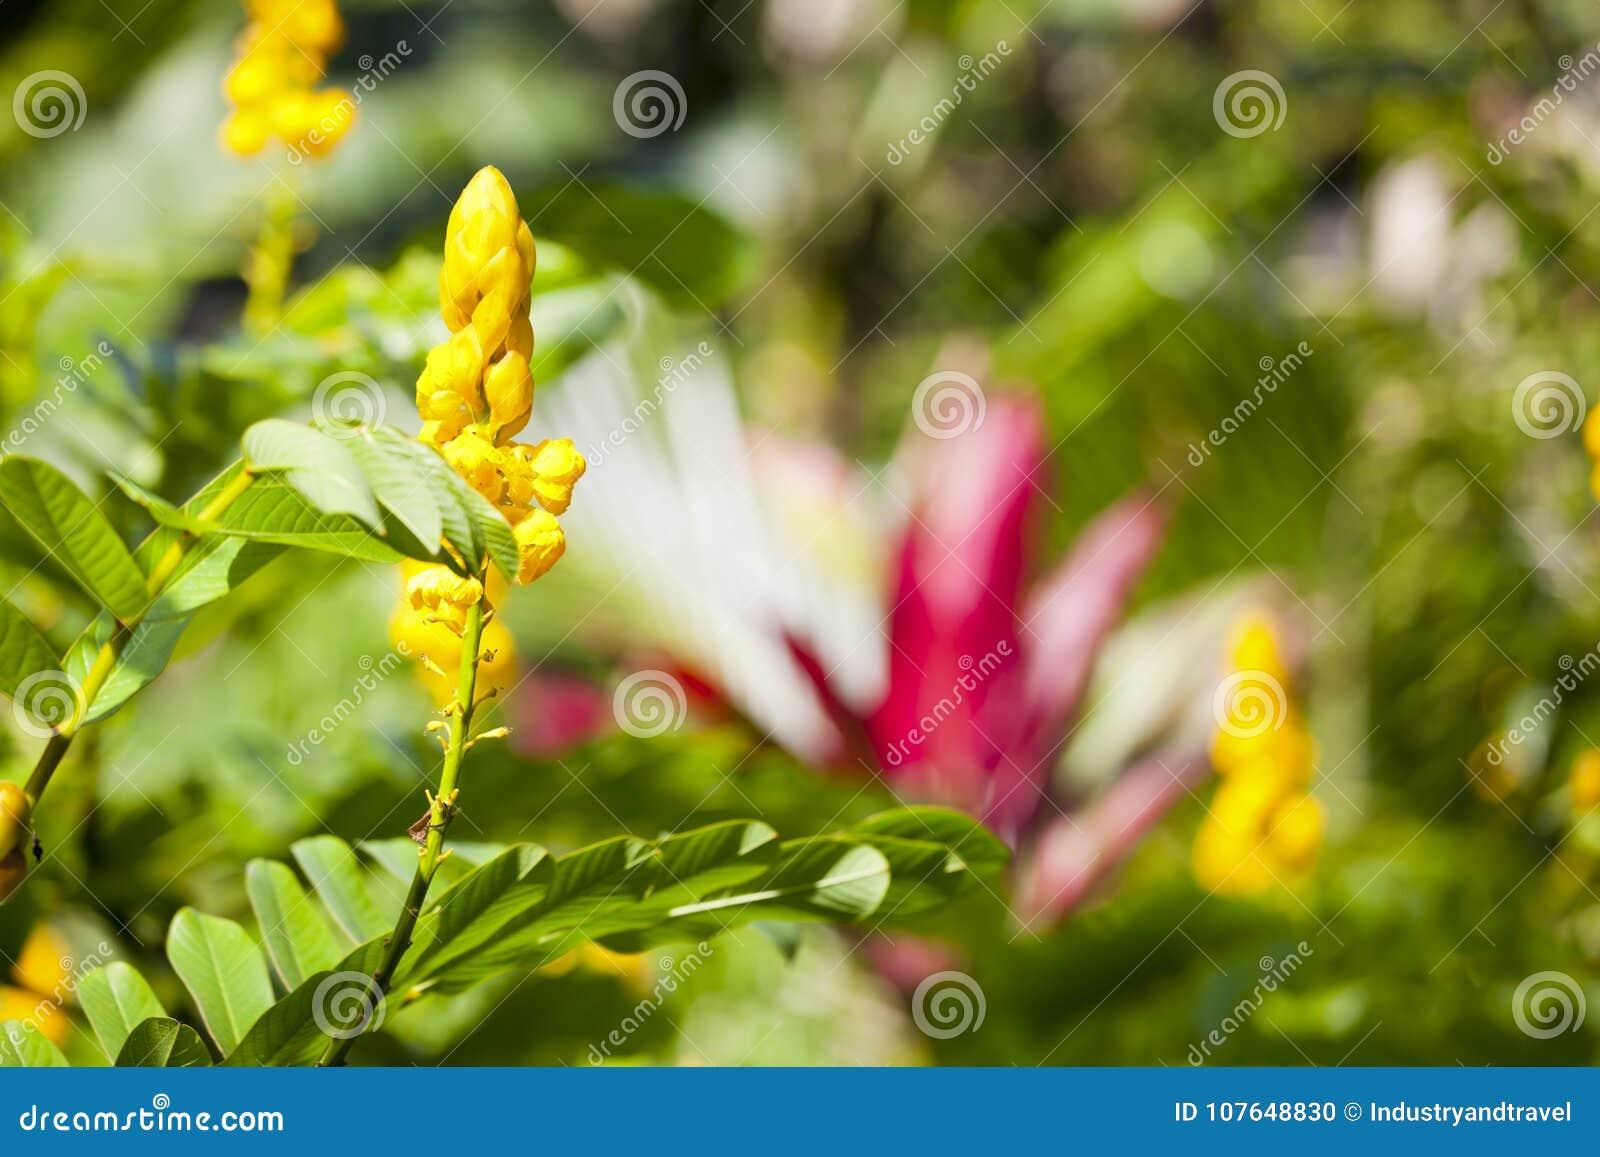 Hawaiian Tropical Flowers Maui Stock Photo Image Of Beauty